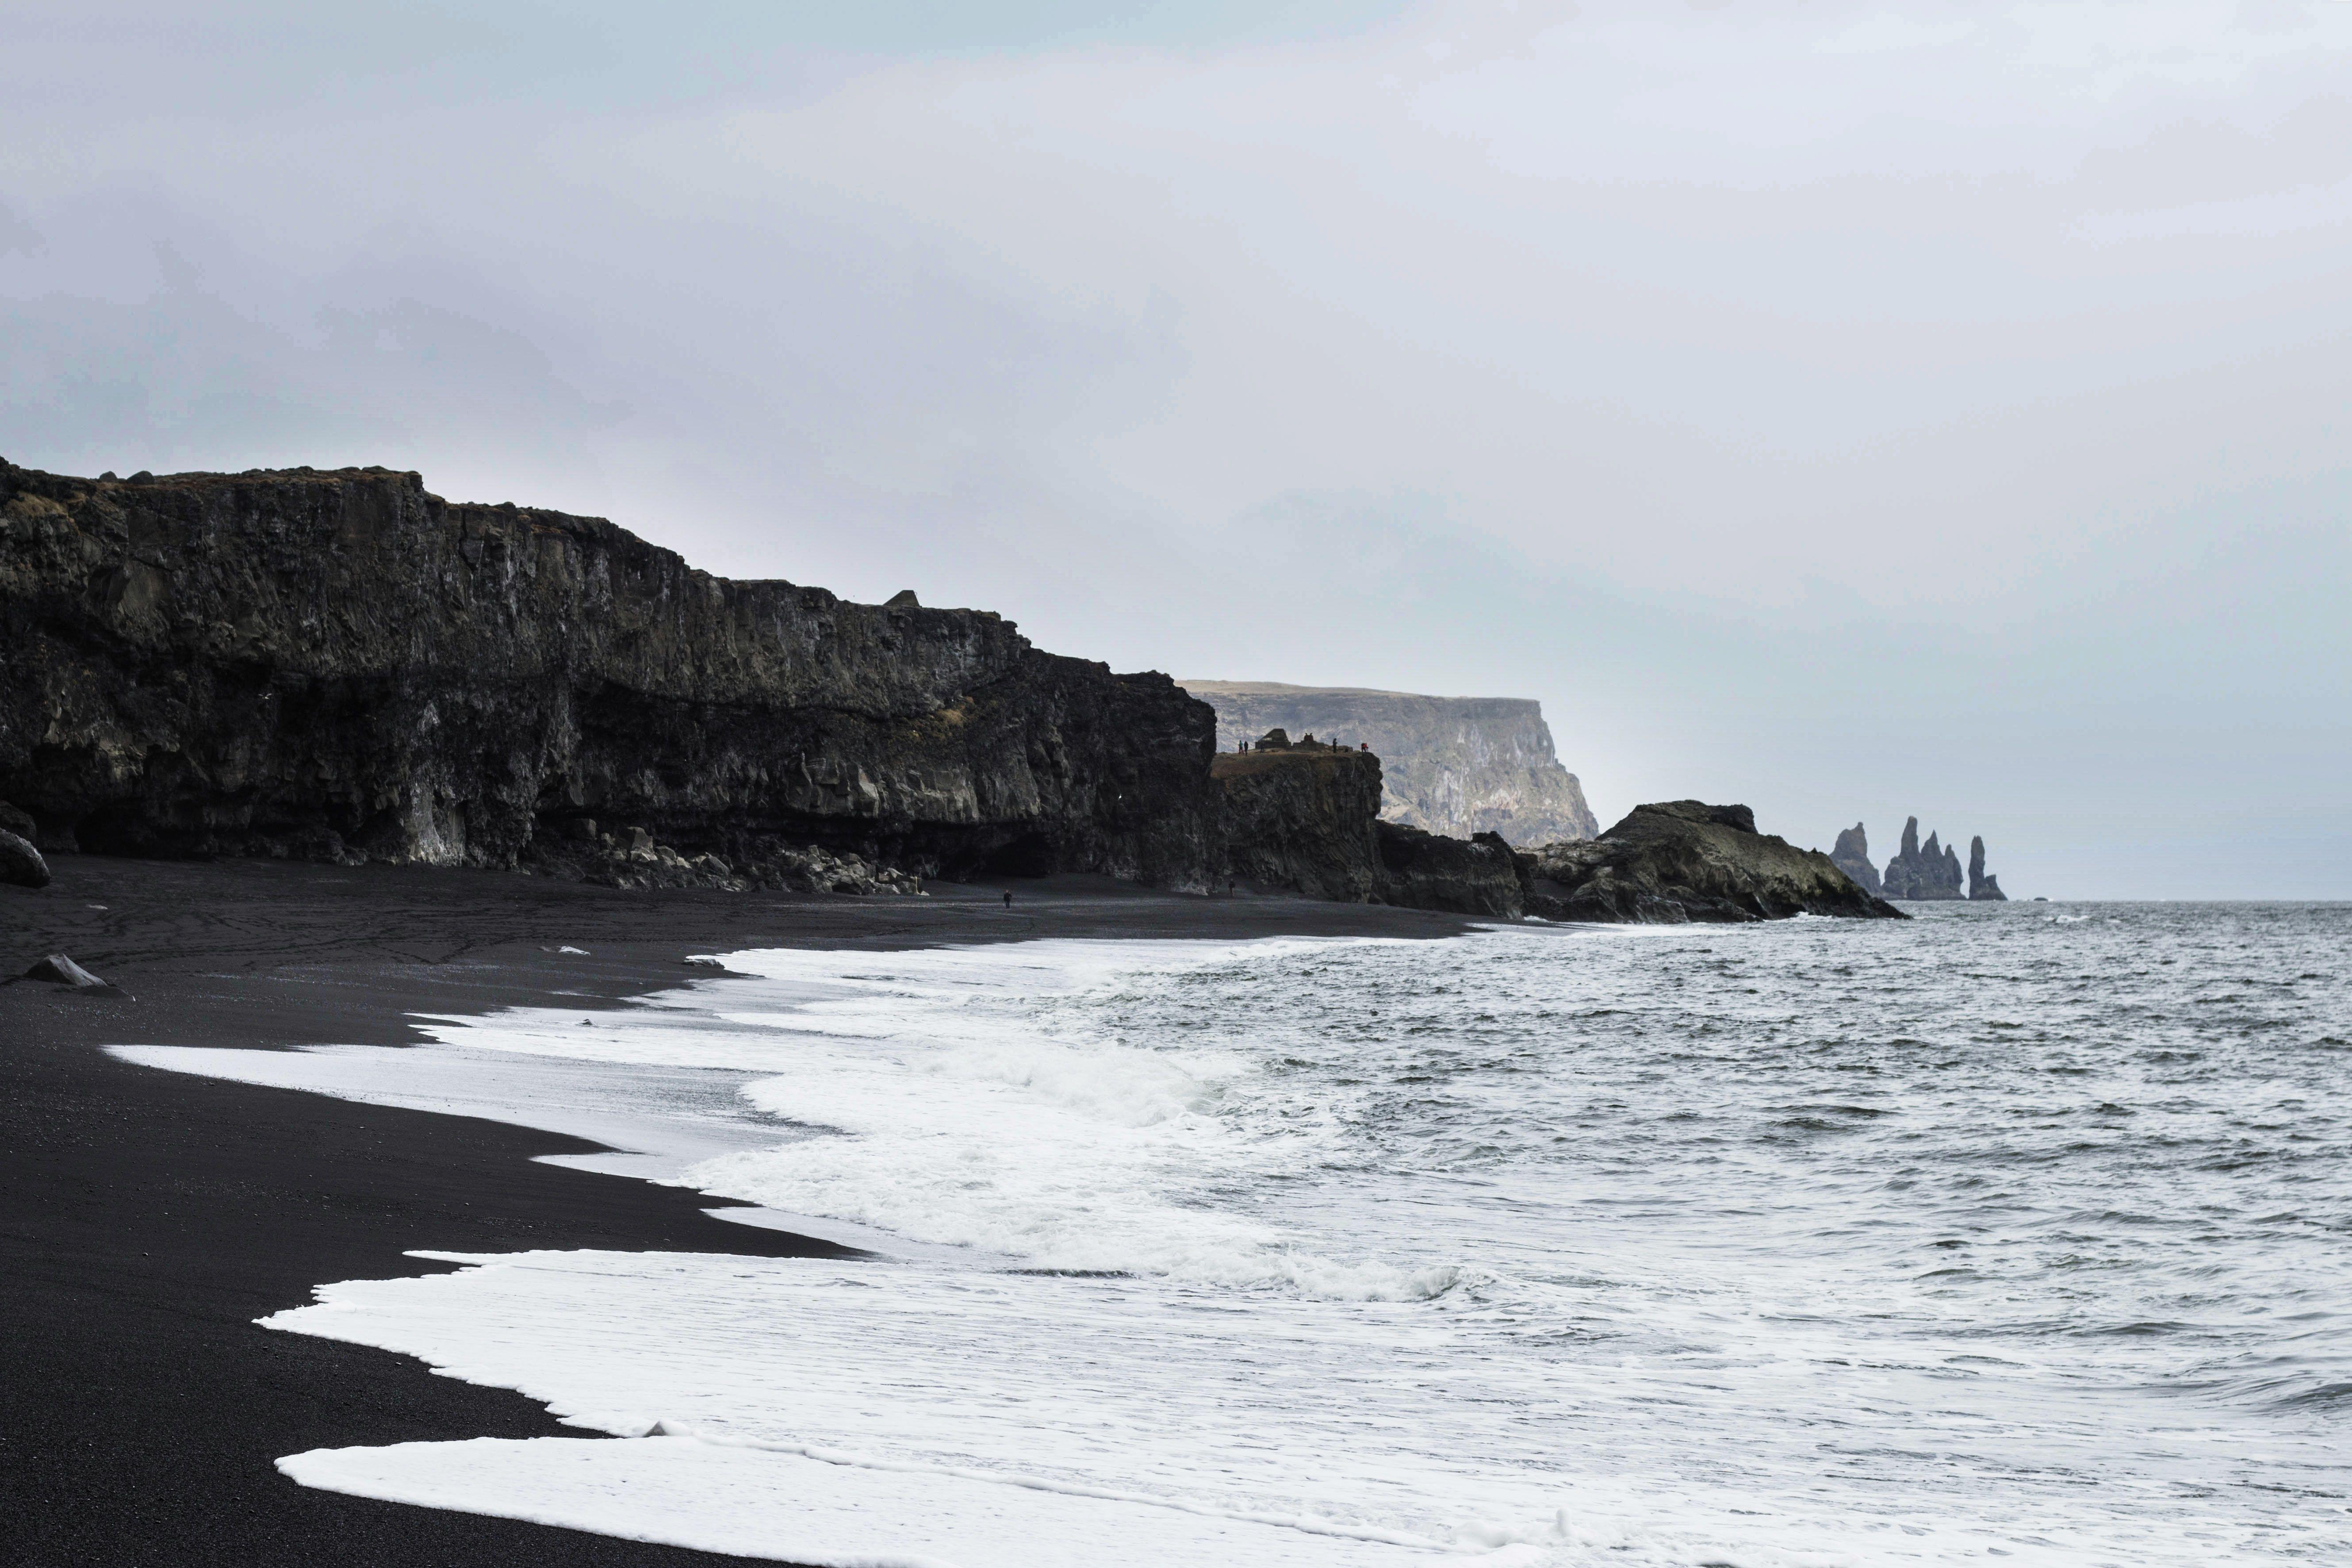 las playas de arena negra de Reynisfjara